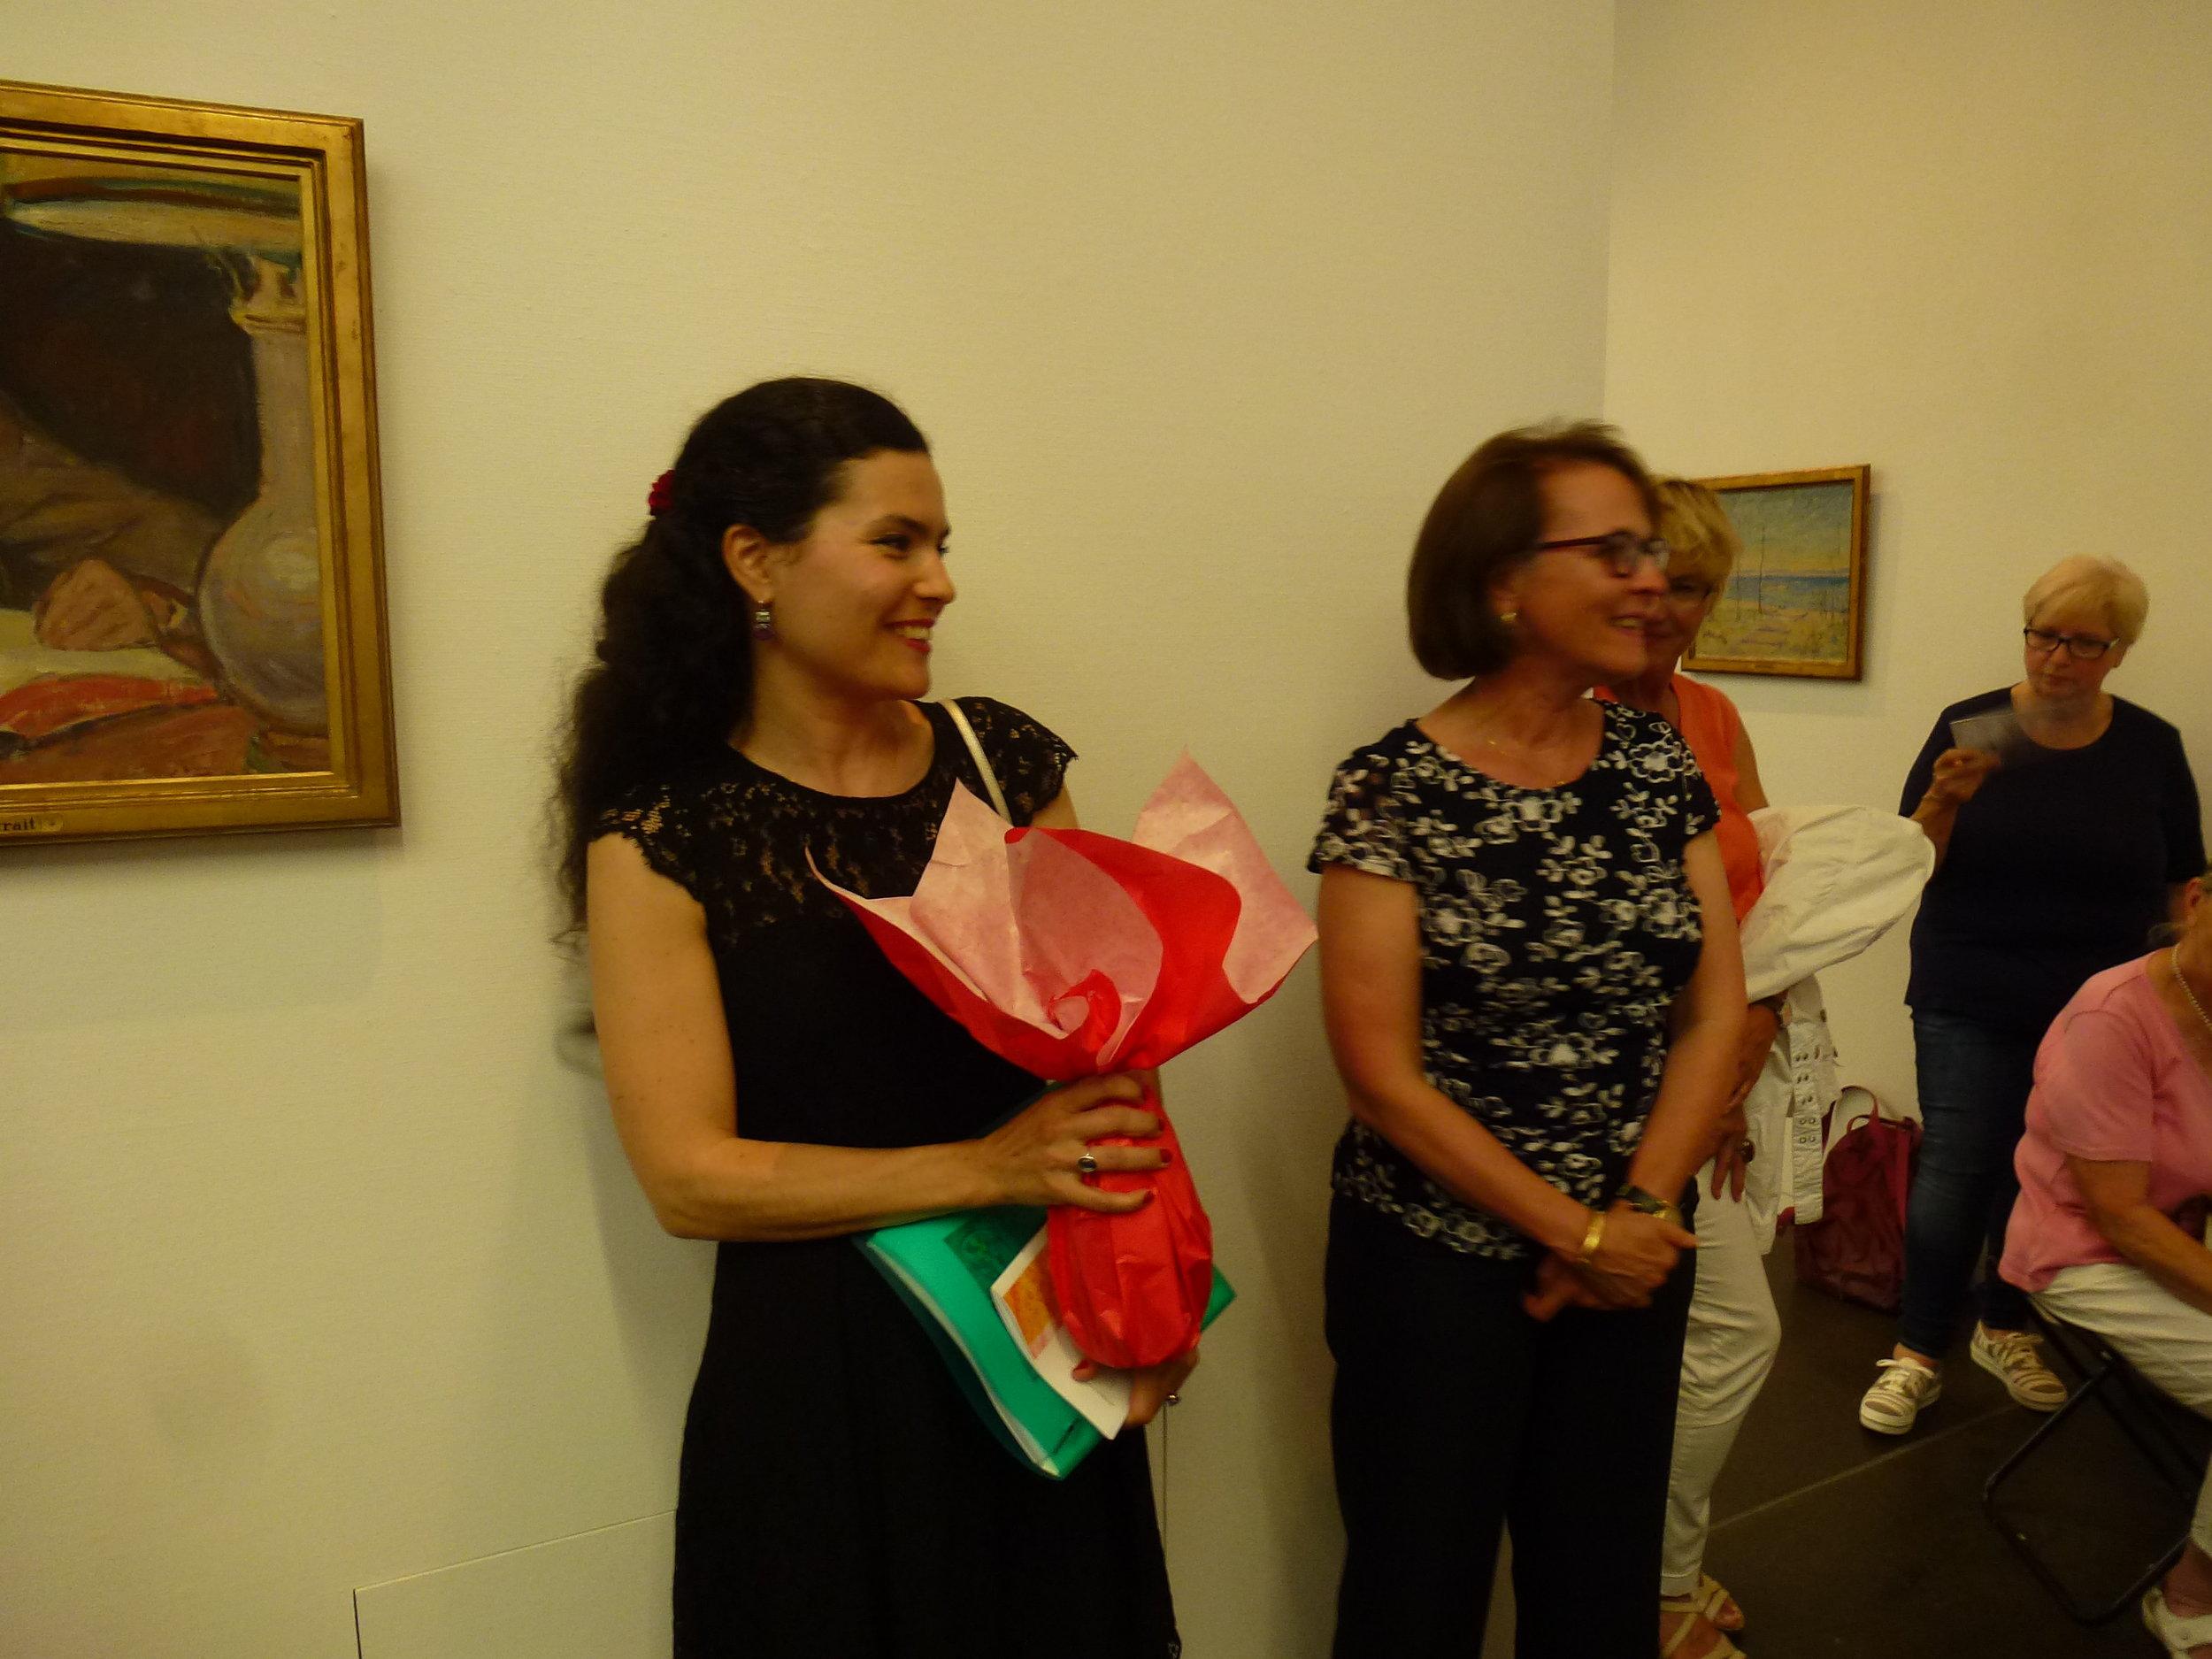 Les chaleureux remerciements de notre présidente Anne Gueissaz à Pamela Corvalan à l'issue de la visite guidée